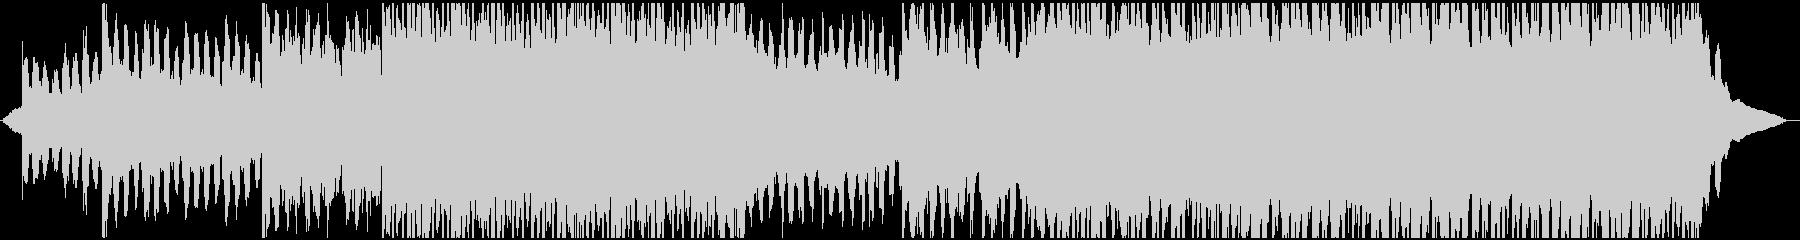 ゆったり楽し気なコーポレート系BGMの未再生の波形